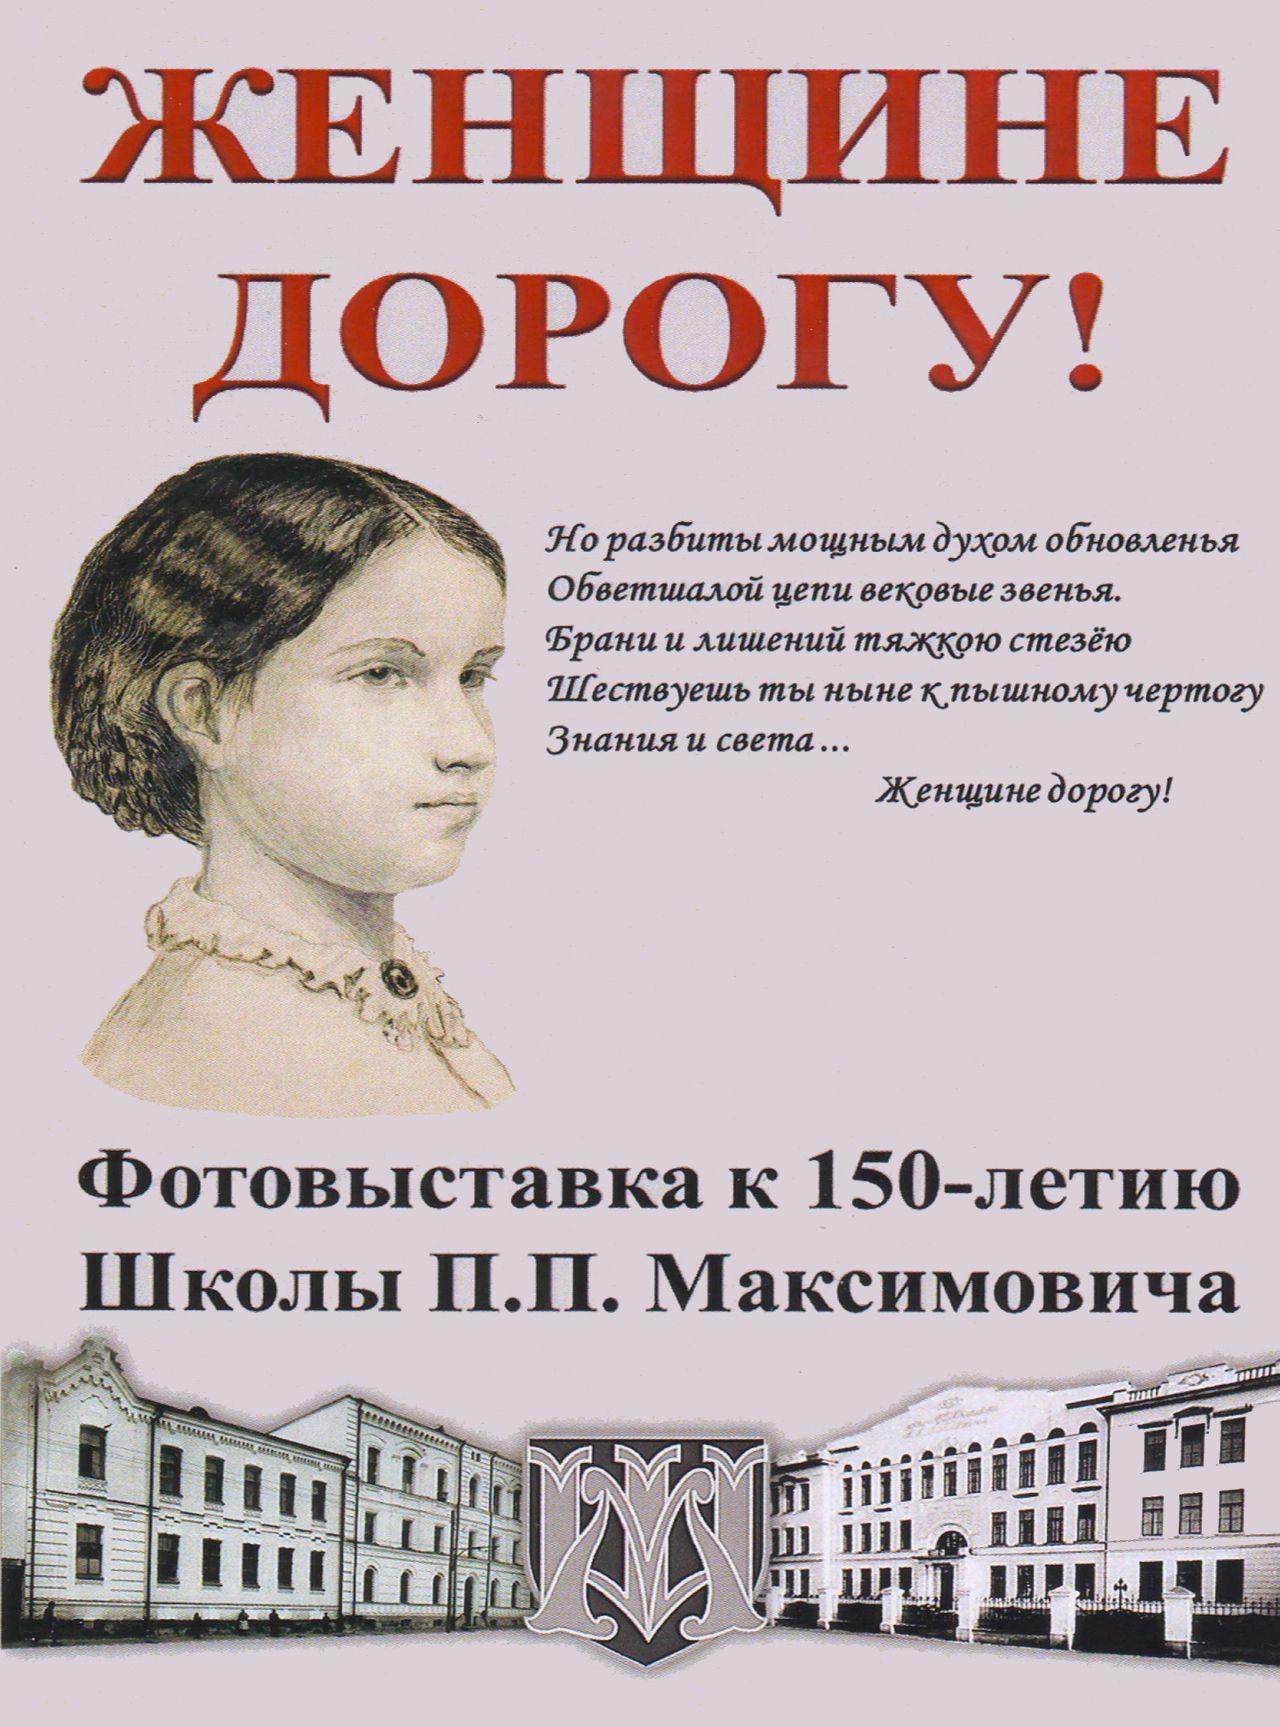 В Твери пройдет выставка, посвященная 150-летию школы Максимовича